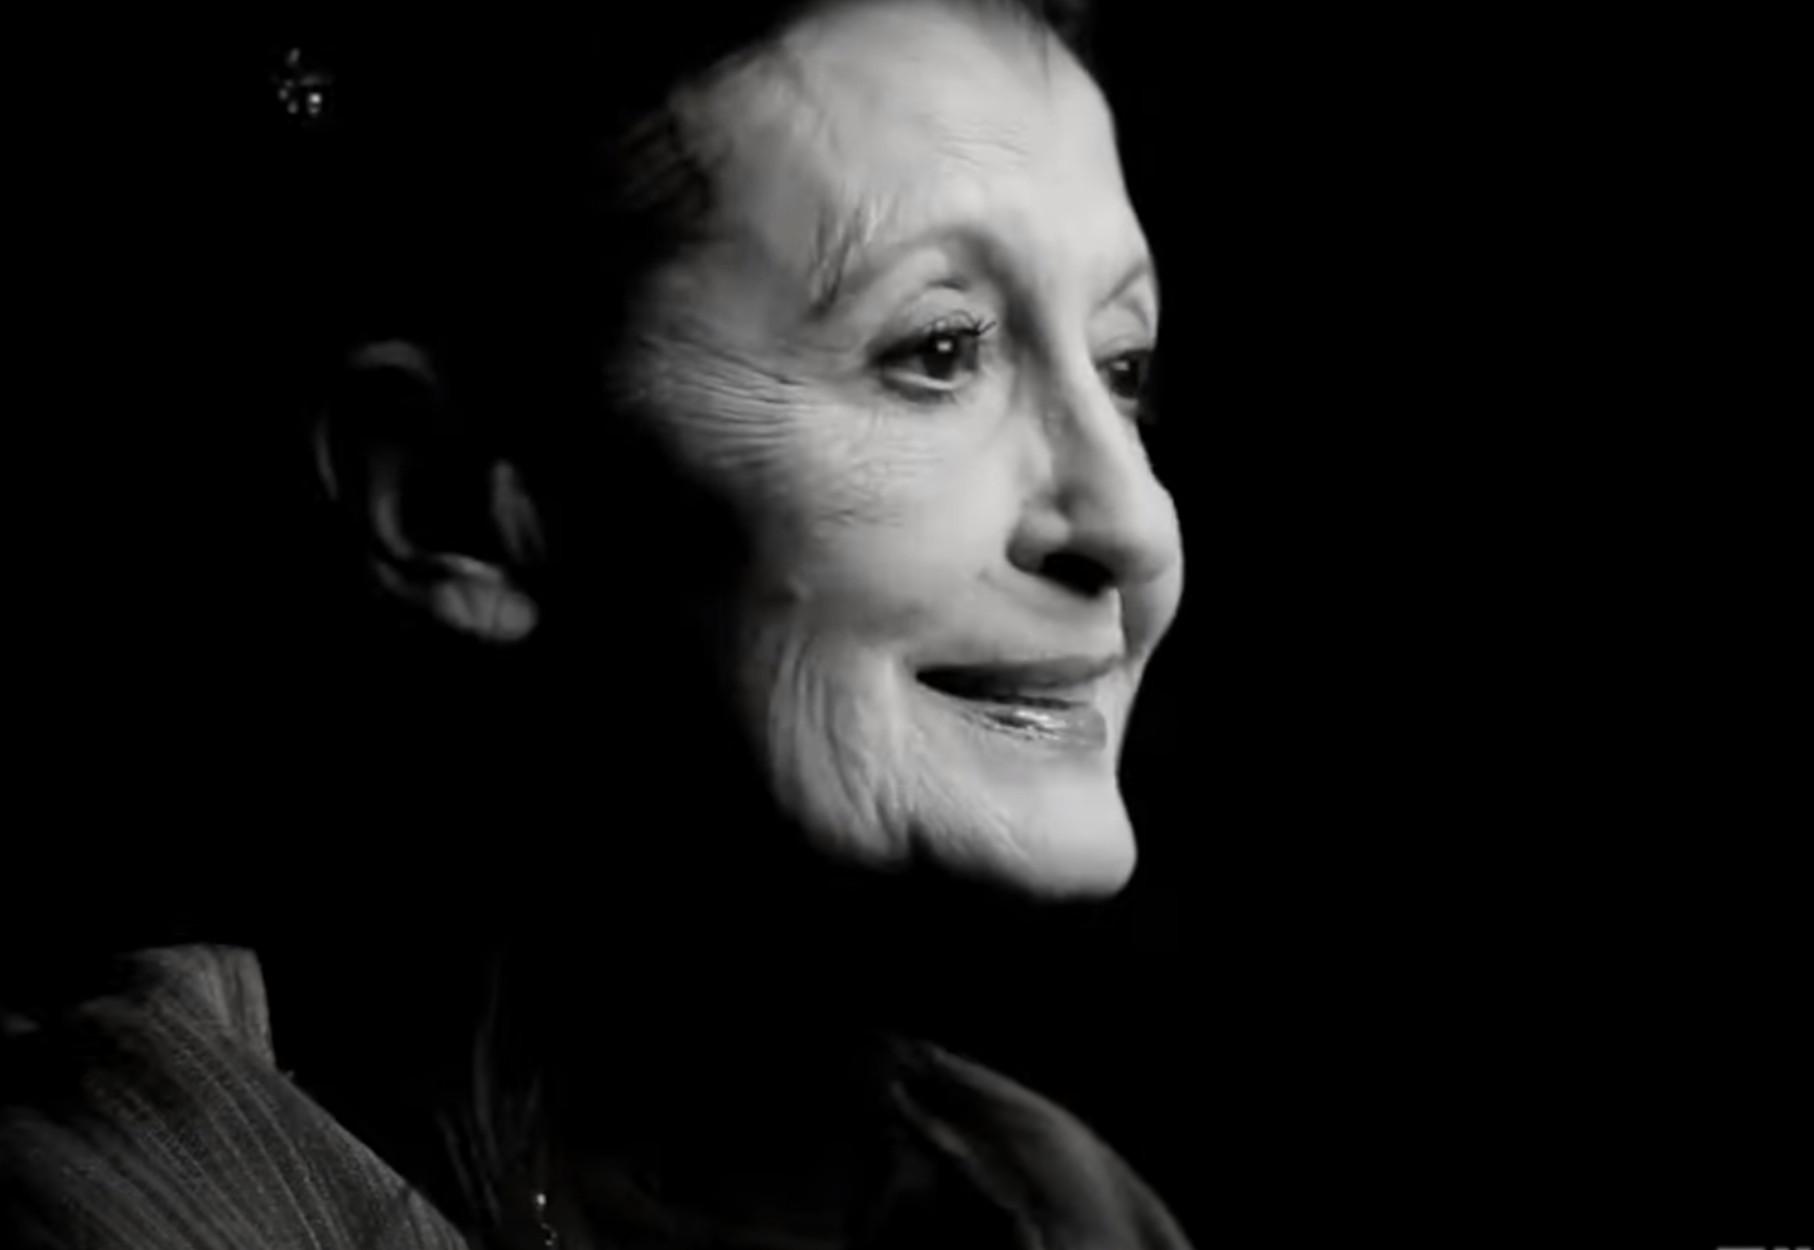 Πέθανε η μεγάλη χορεύτρια Κάρλα Φράτσι (video)